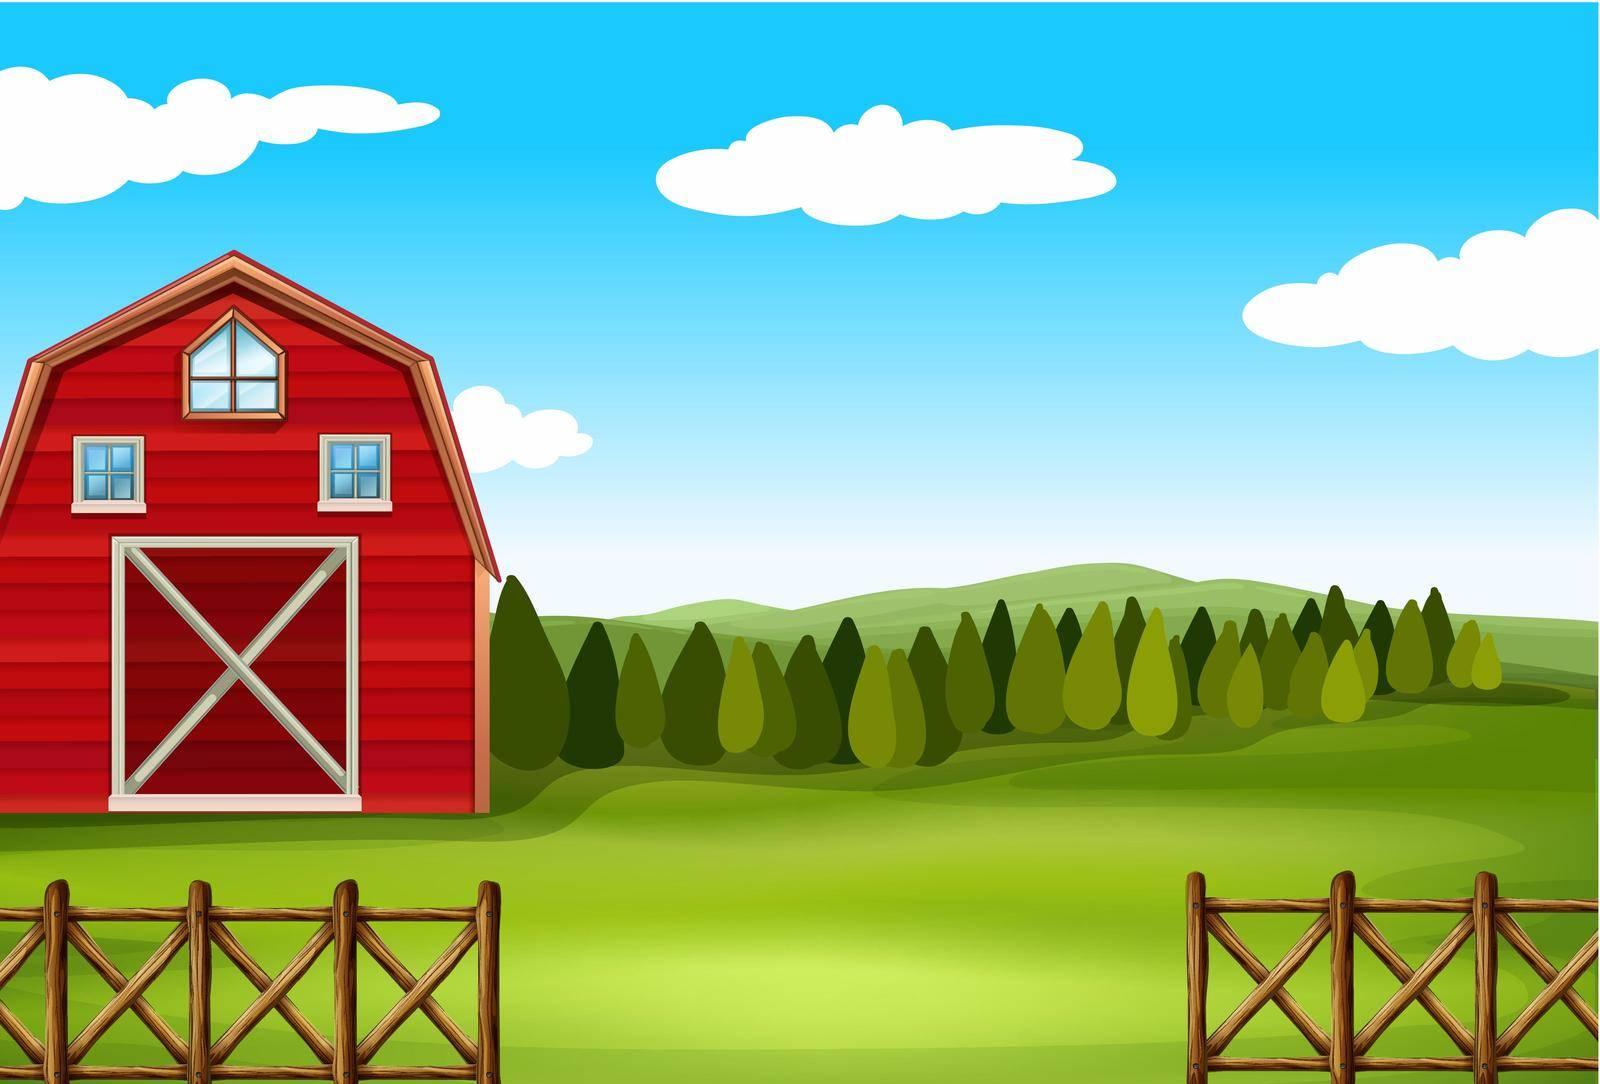 Barn on a farm with fence